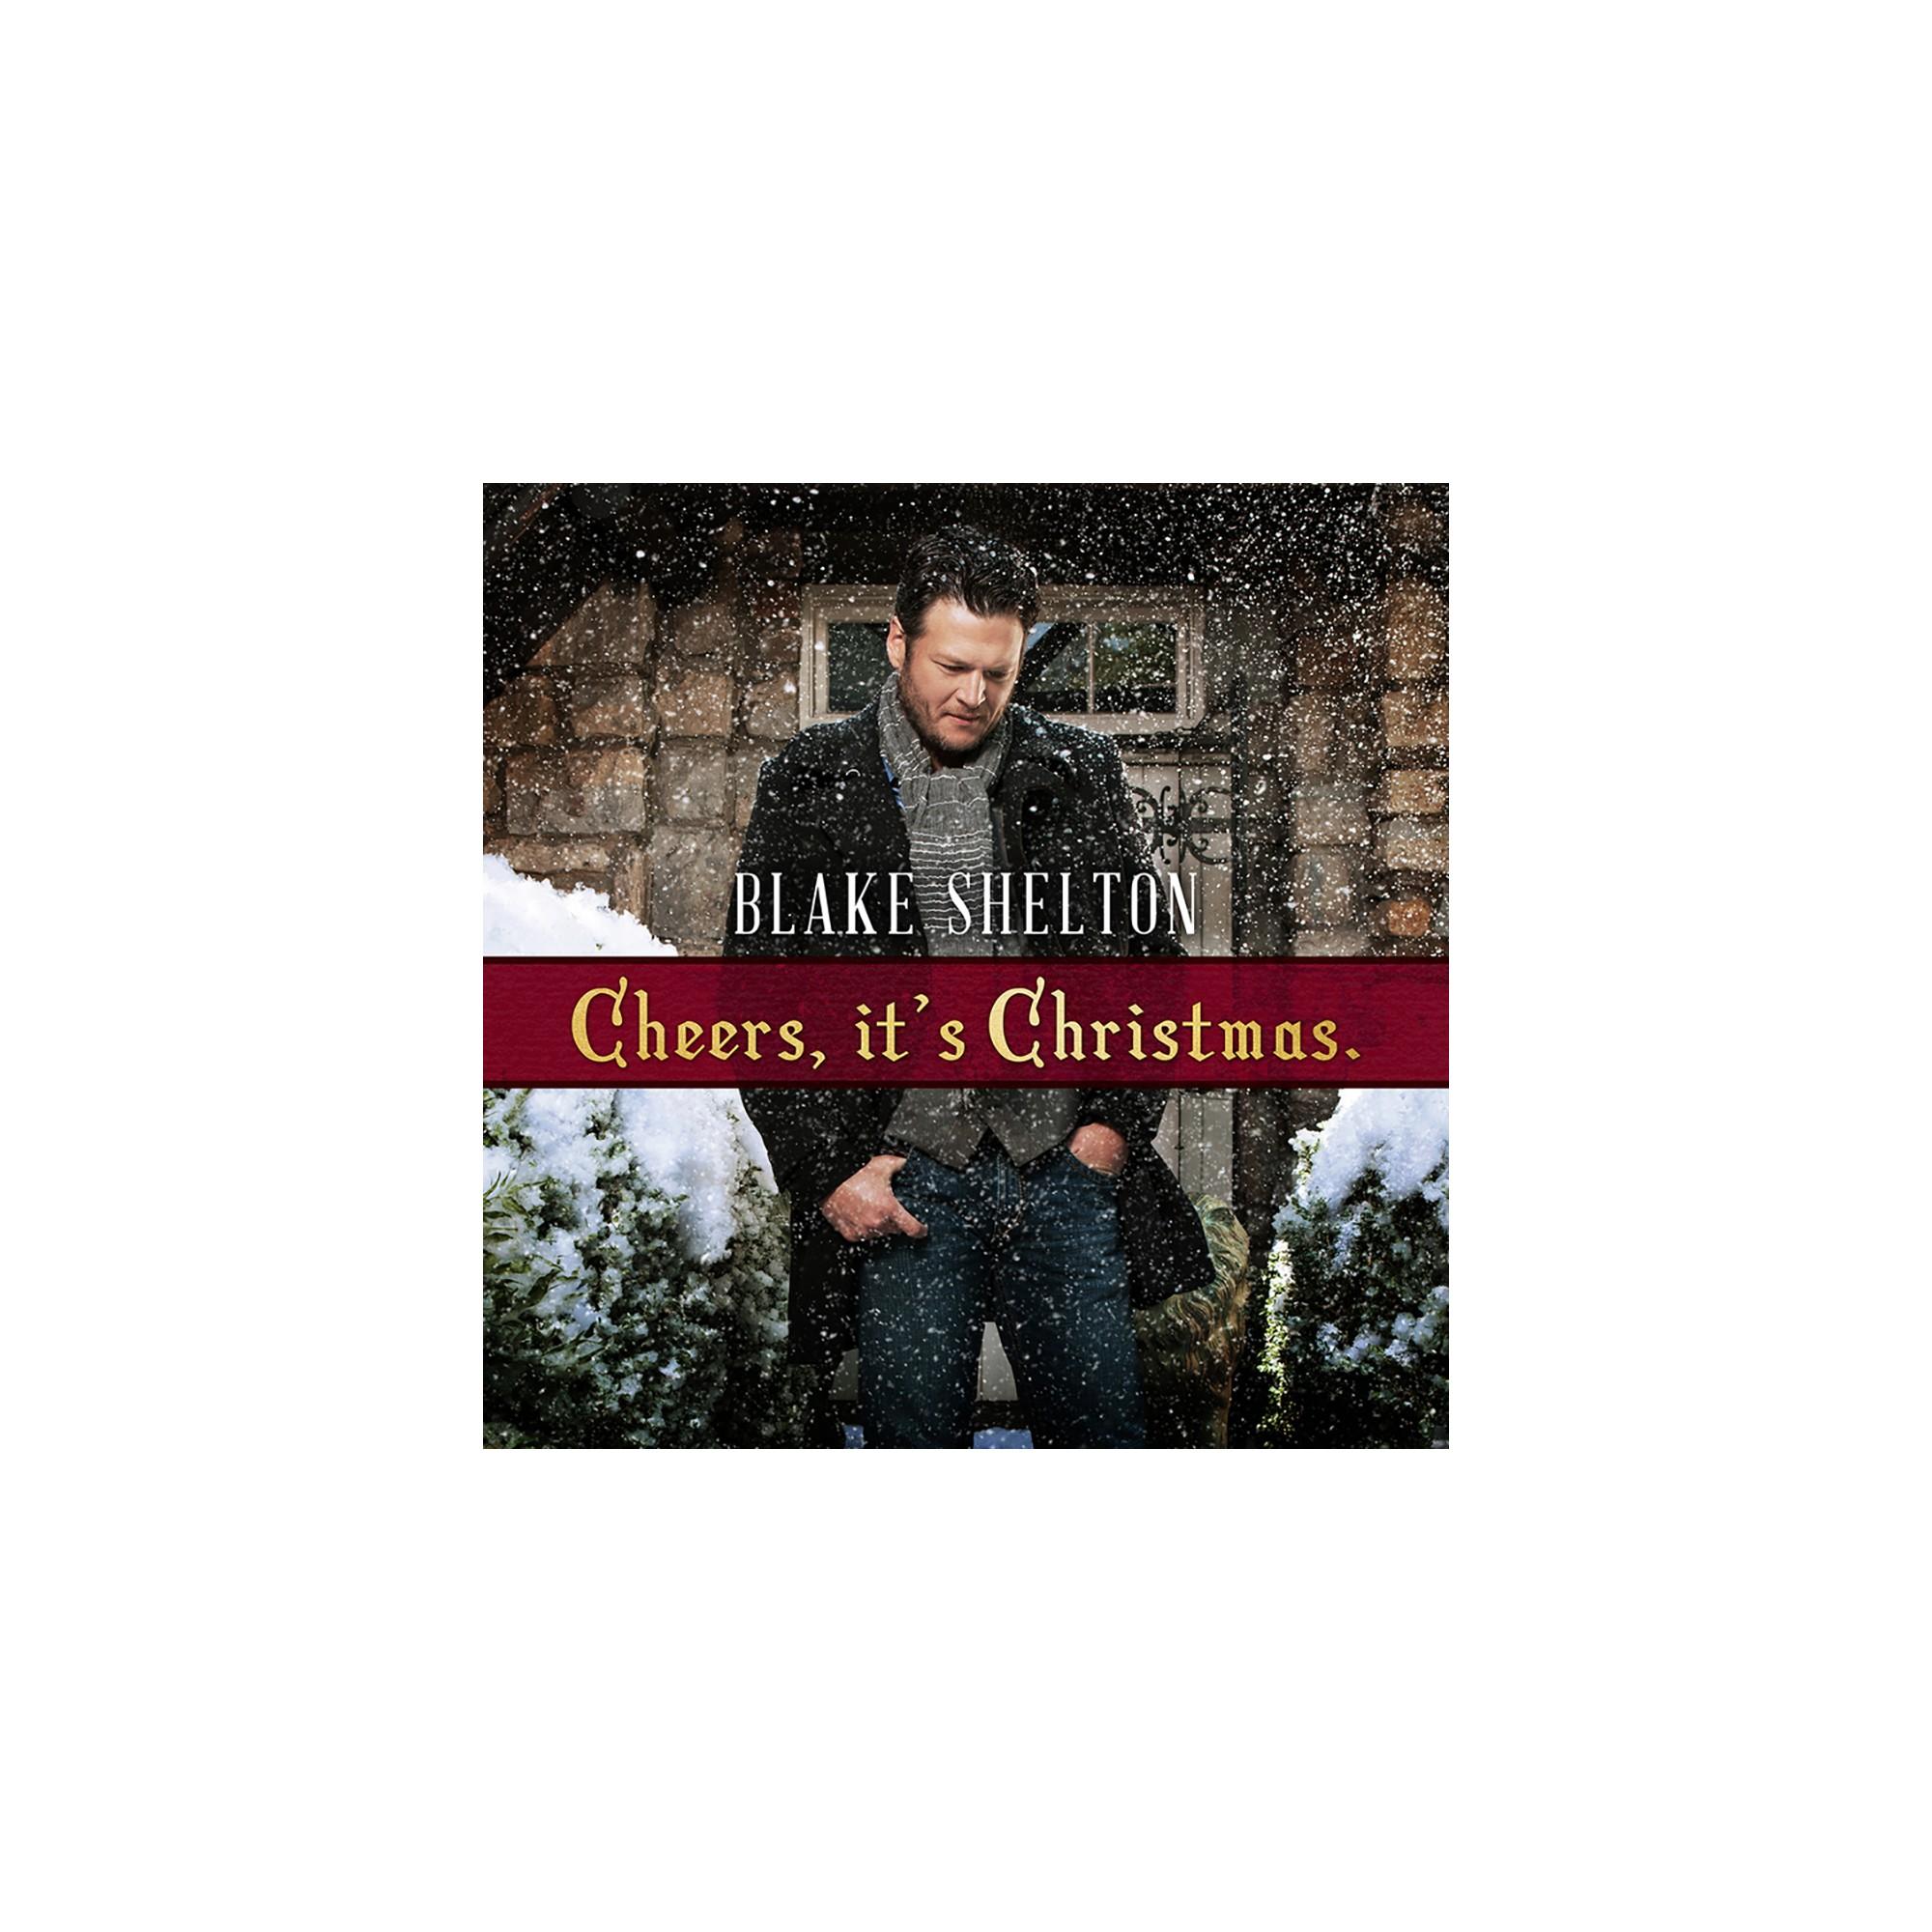 Blake Shelton Cheers, It's Christmas (Deluxe)